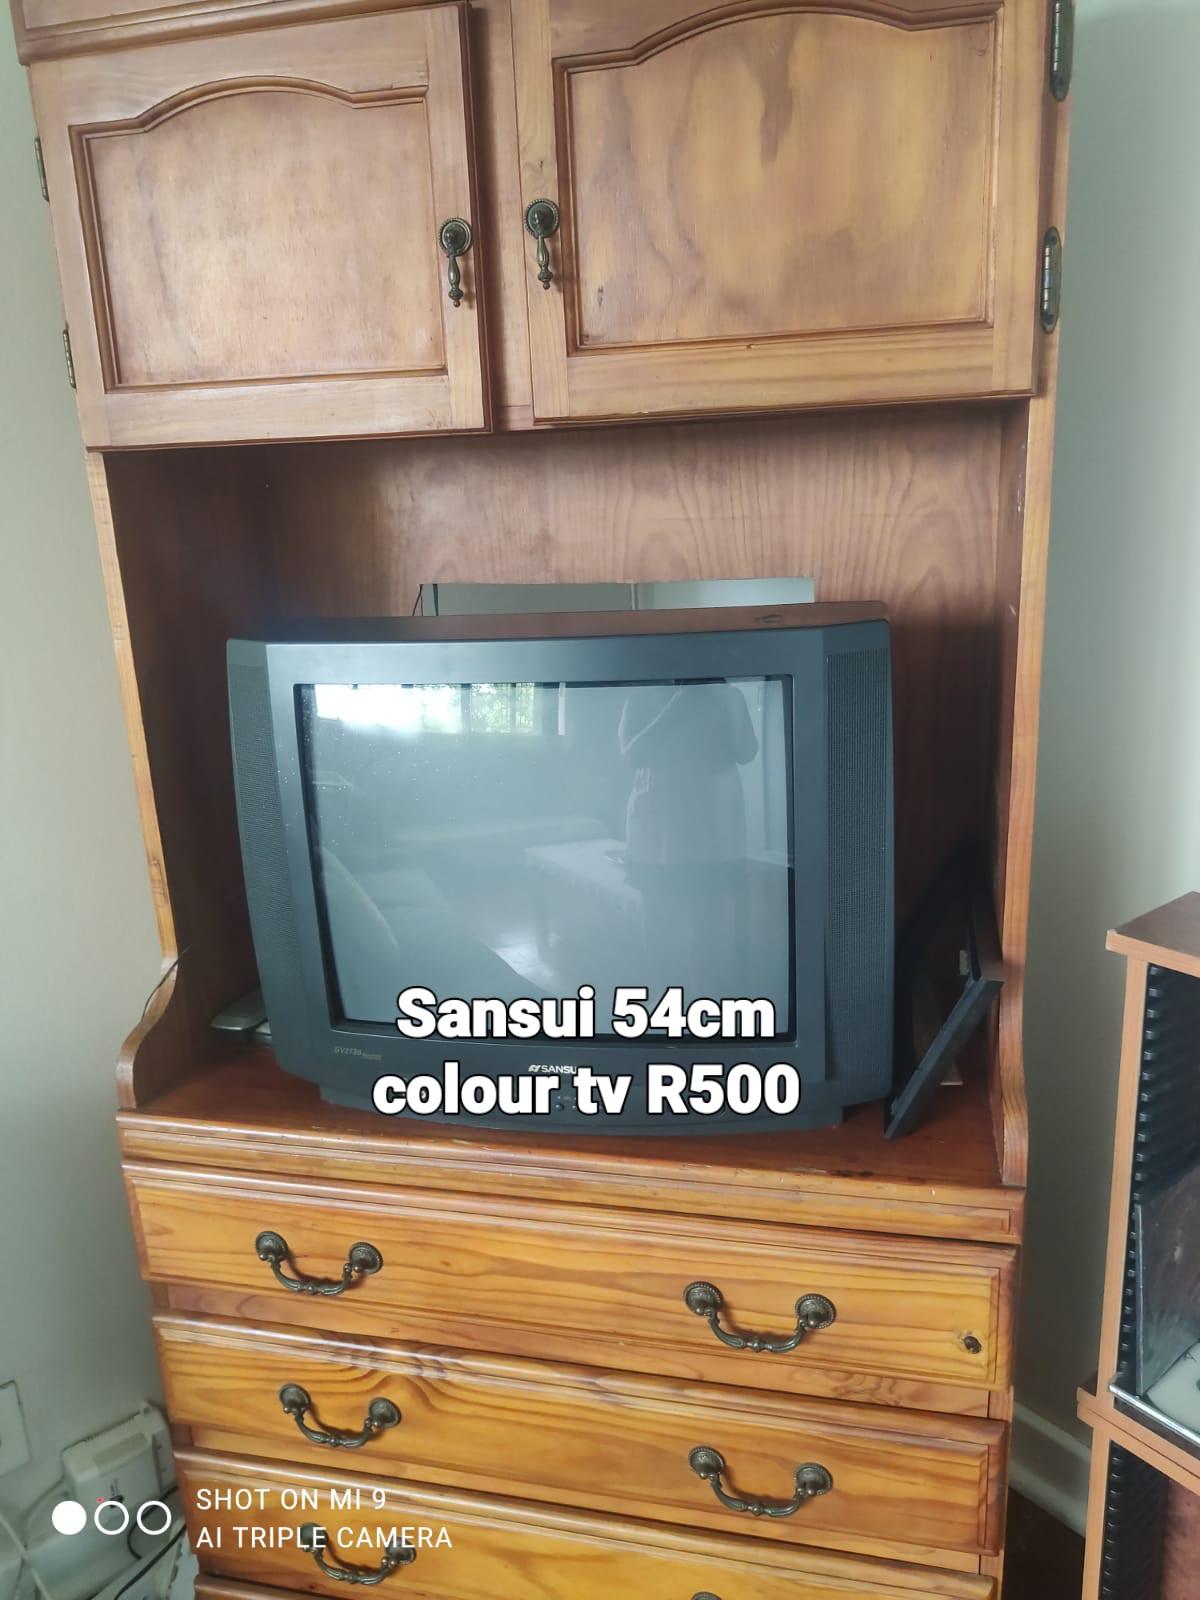 Sansui 54cm colour tv... Box type